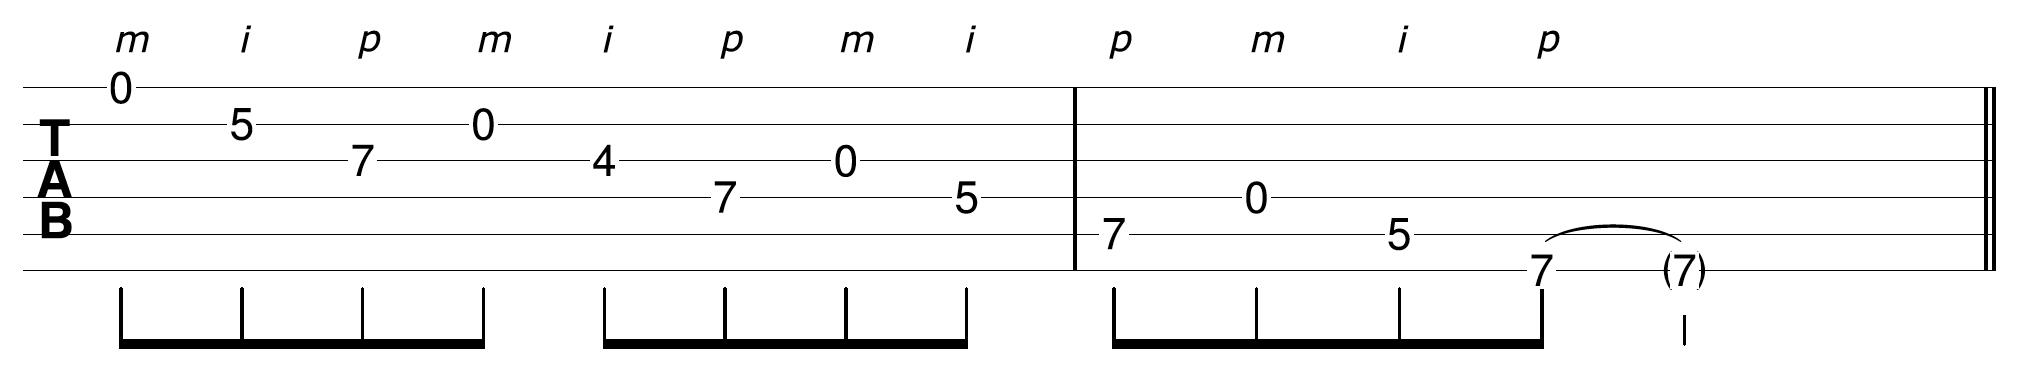 Acoustic Guitar Solo Technique Descending Scale